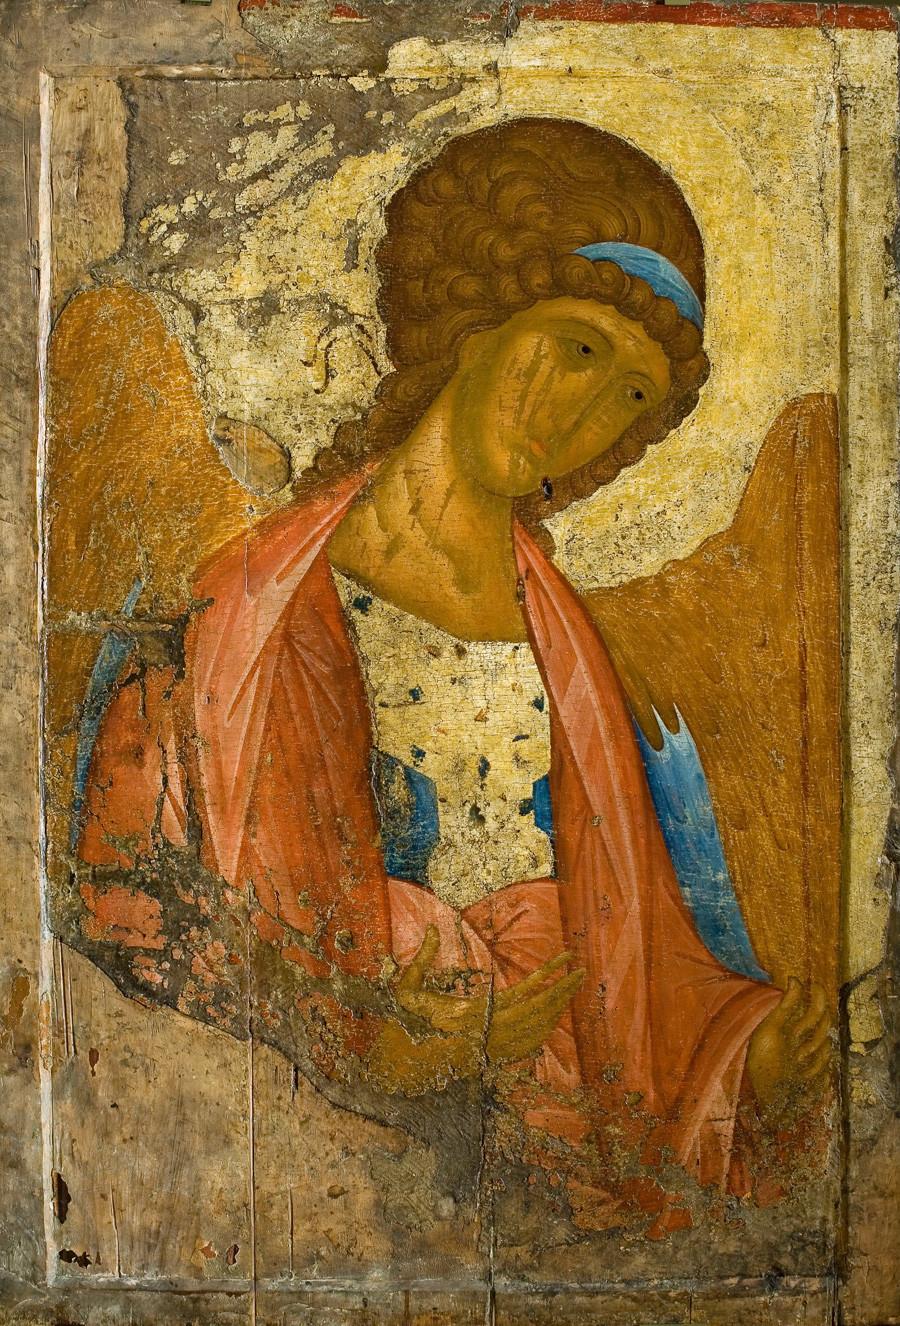 L'Archange Mikhaïl par Andreï Roublev